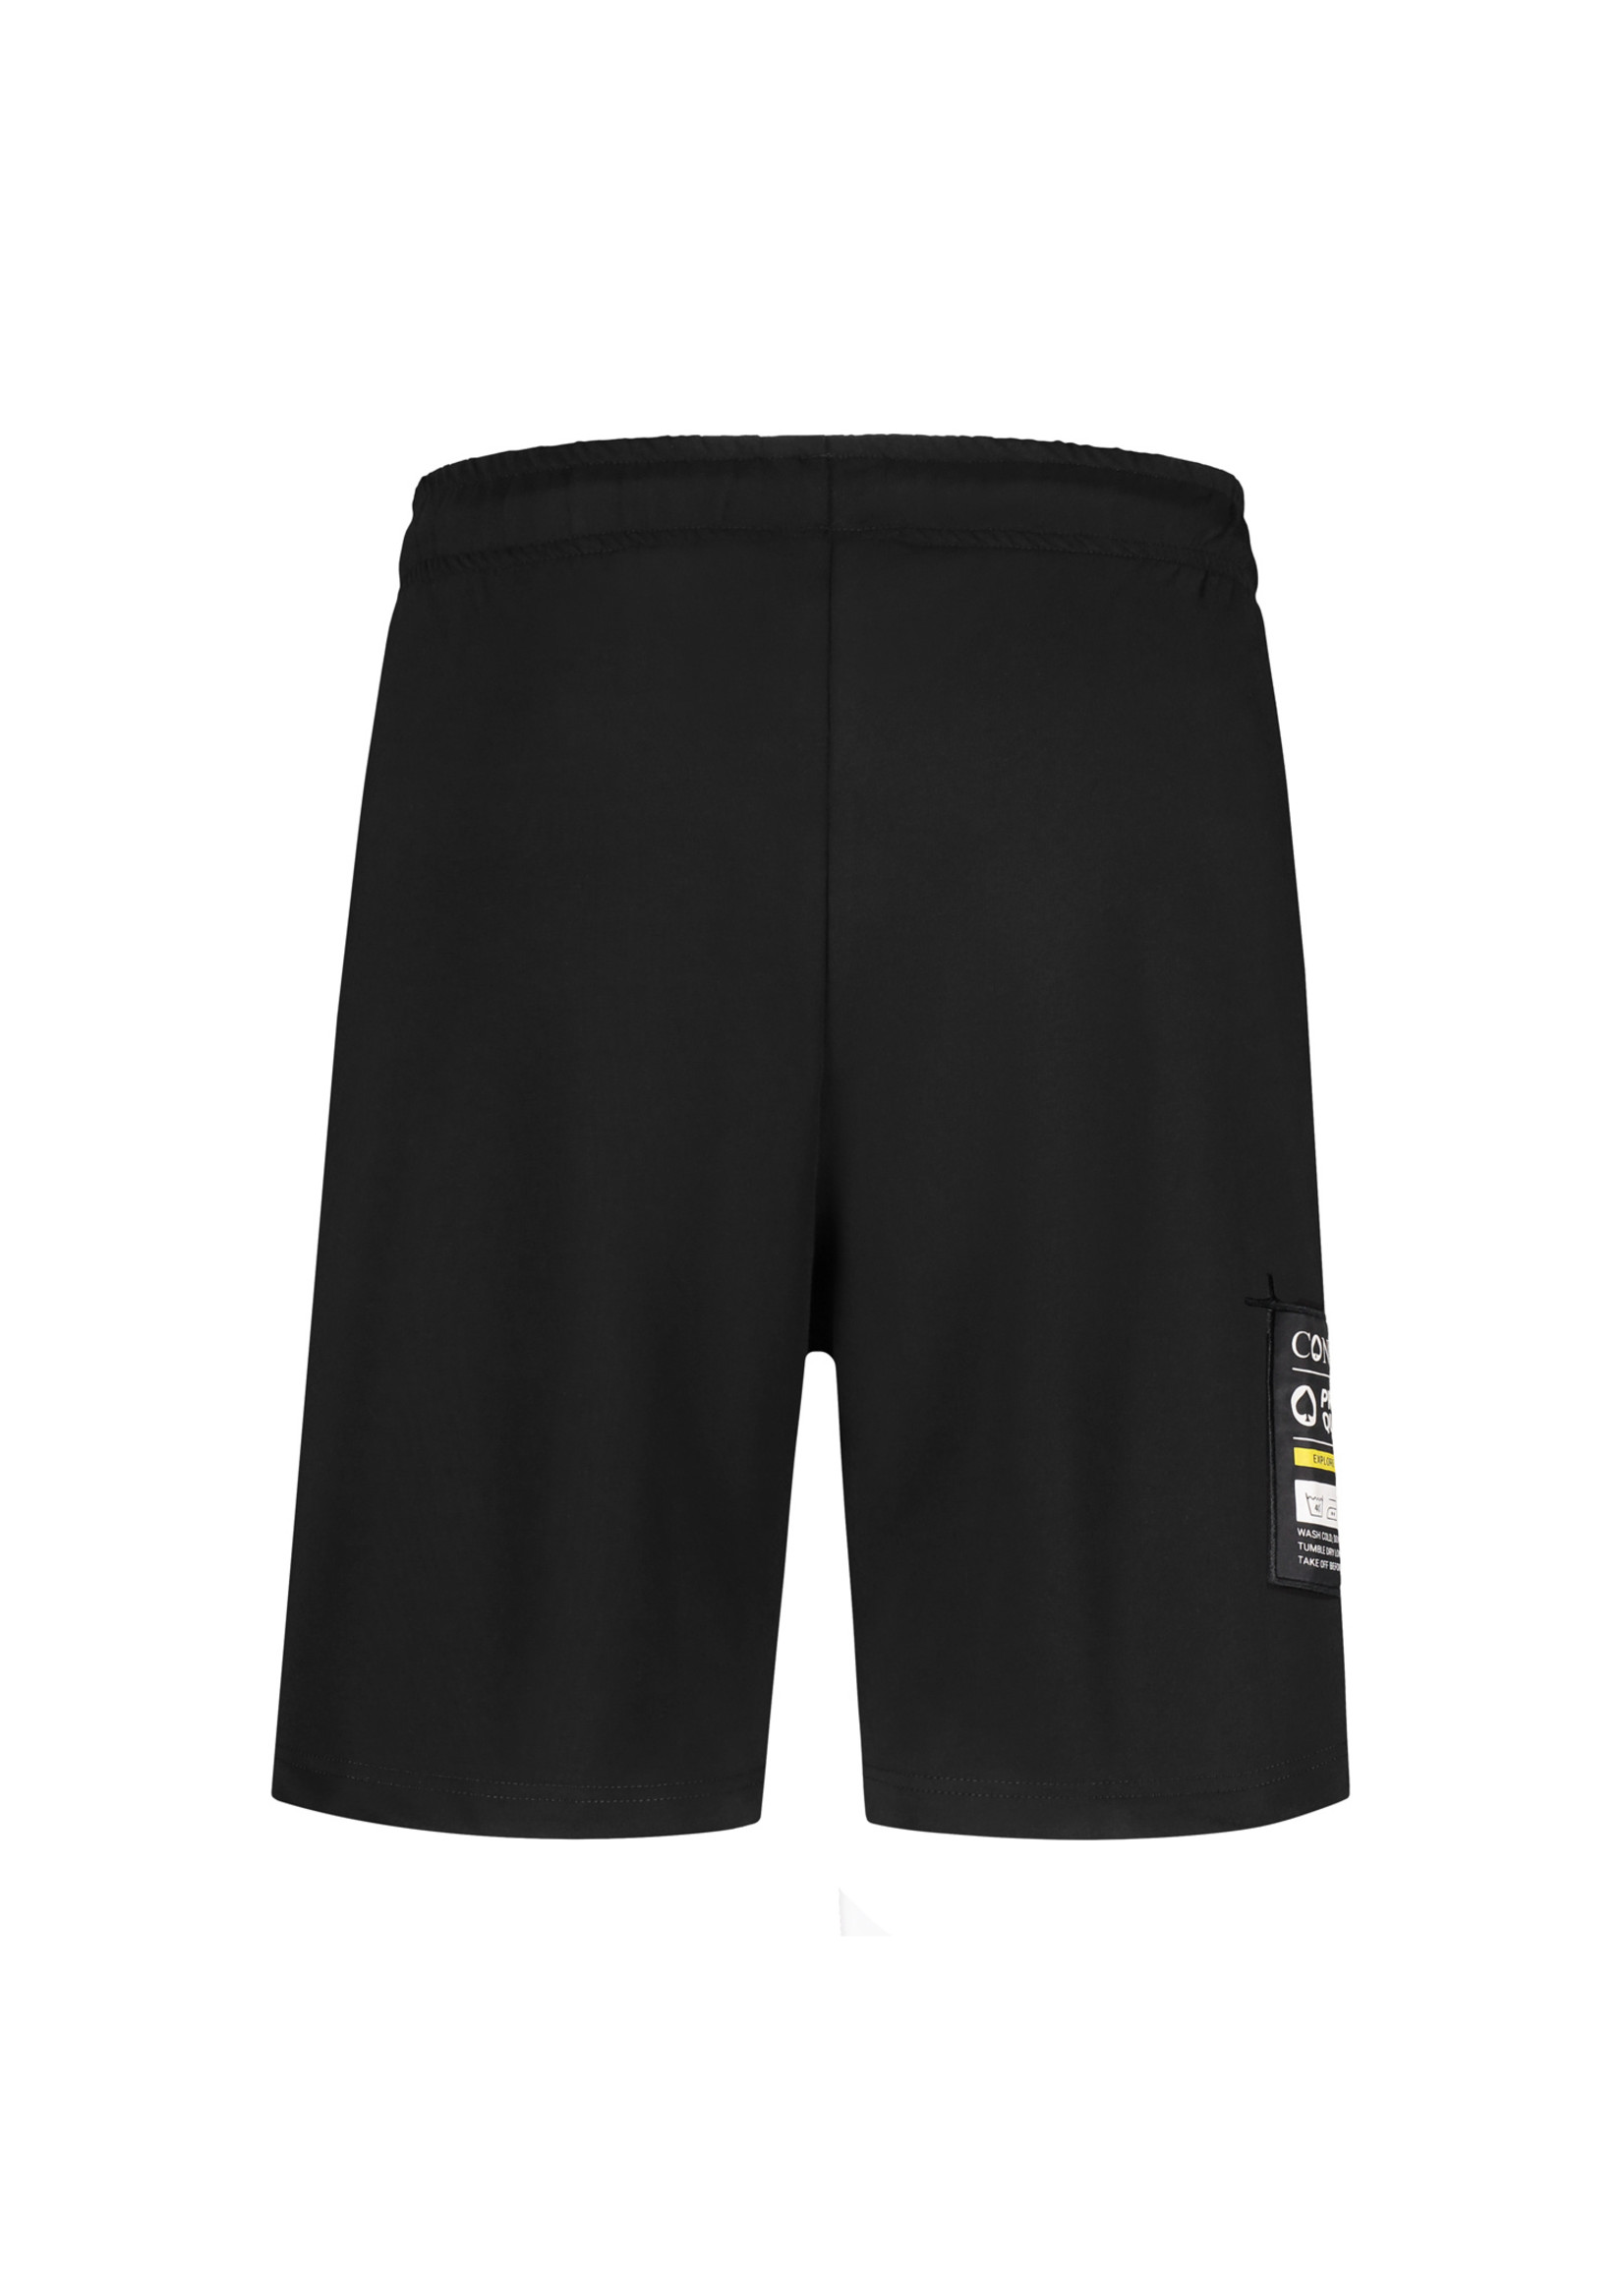 Confirm korte broek pocket label